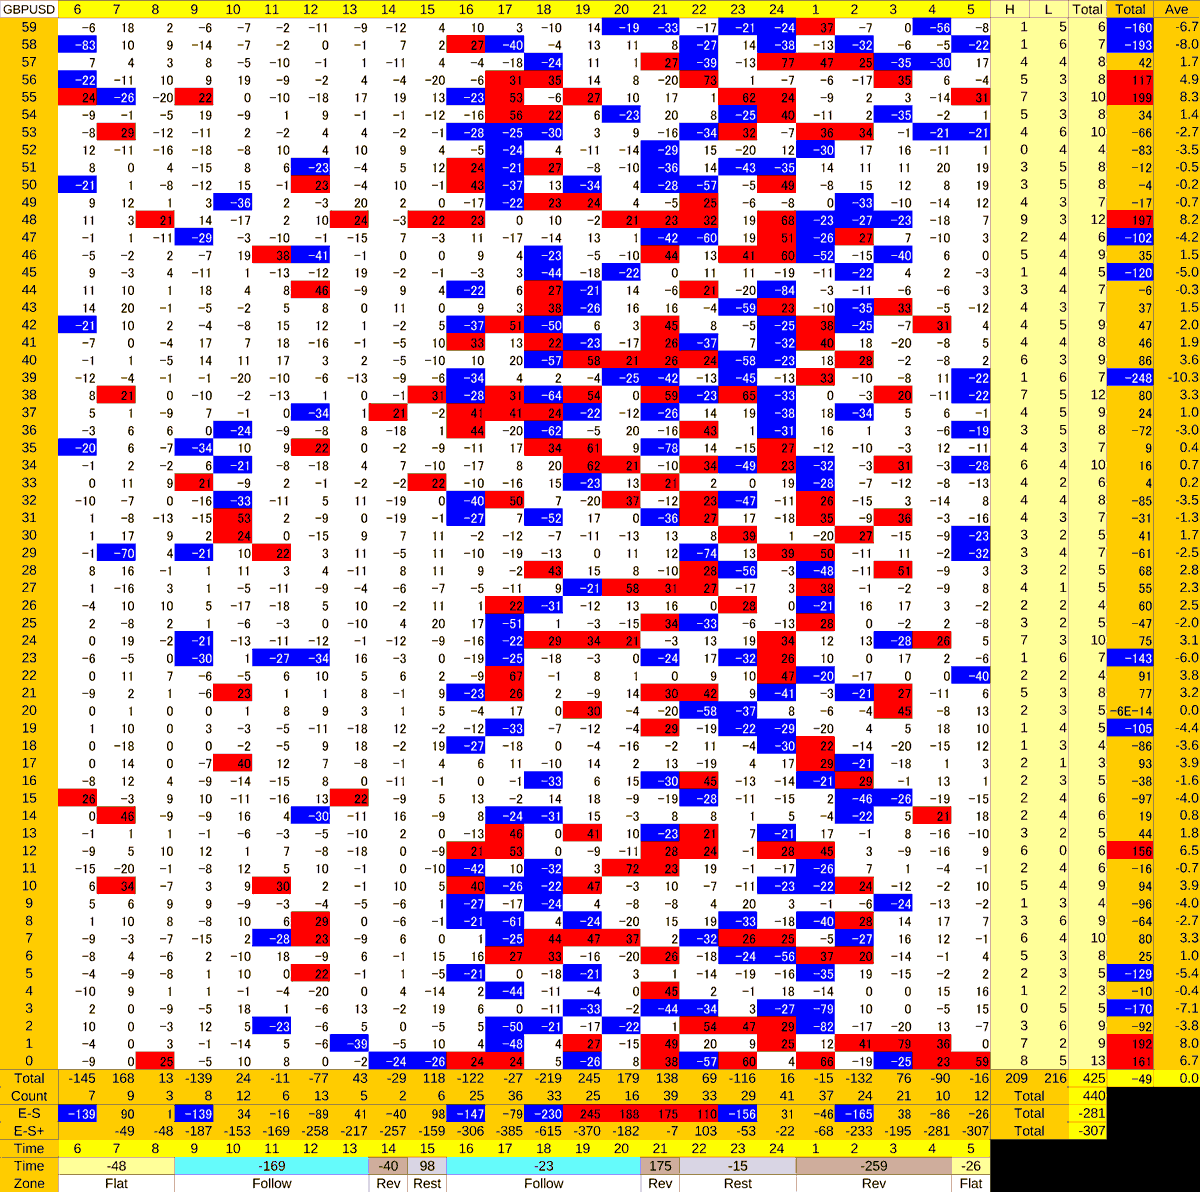 20210129_HS(2)GBPUSD